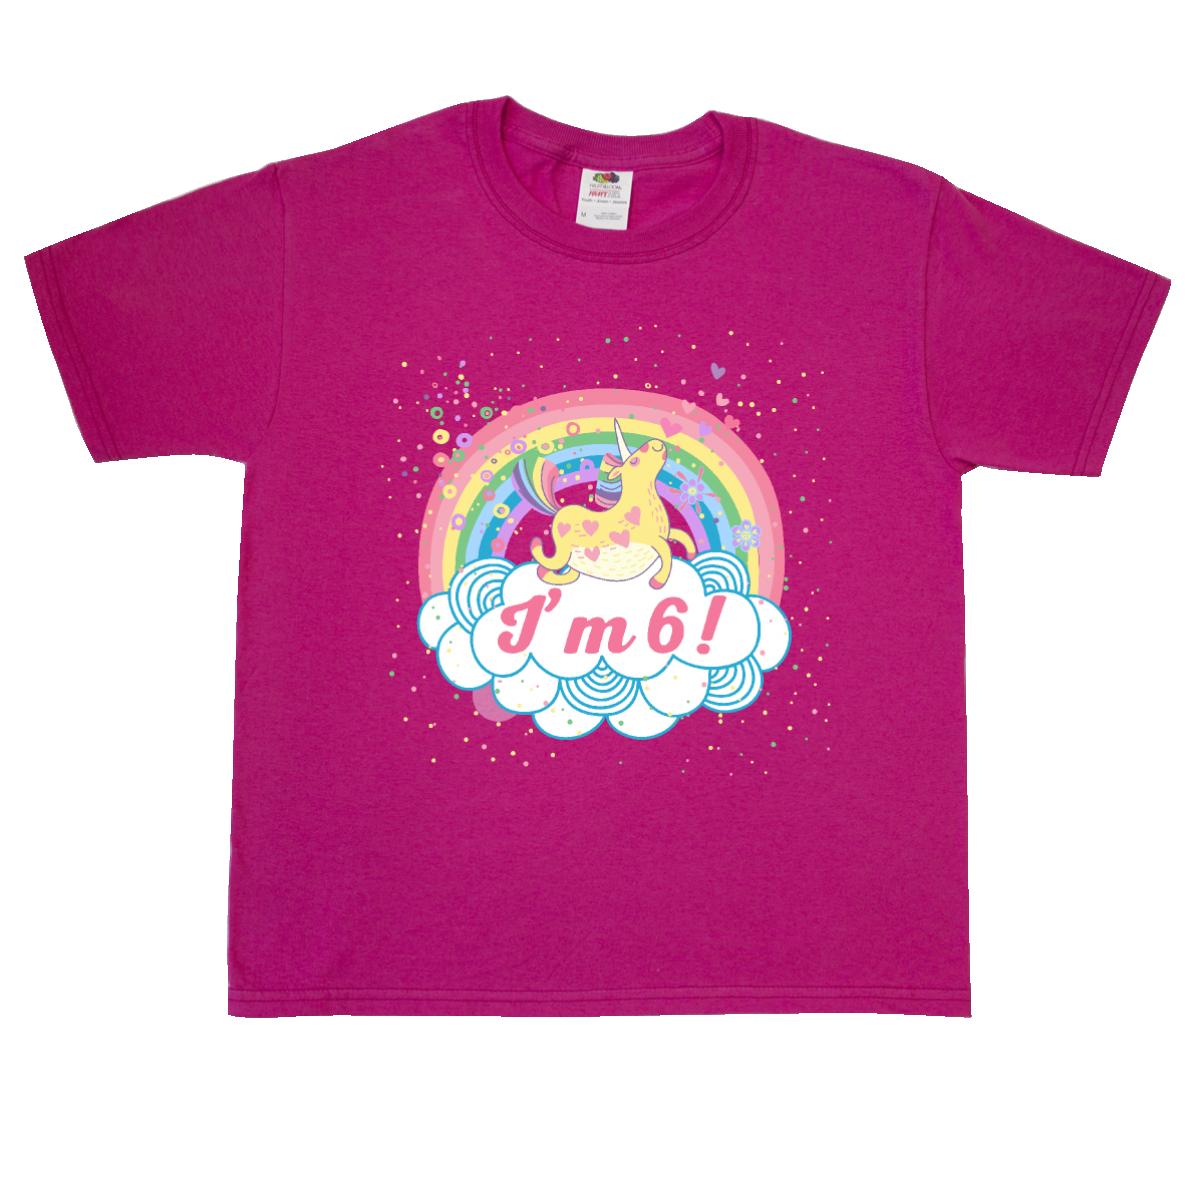 6th Birthday Unicorn Rainbow Girls Youth T Shirt Pink 1699 Unicornbirthday 6thbirthday Homewiseshopperkids